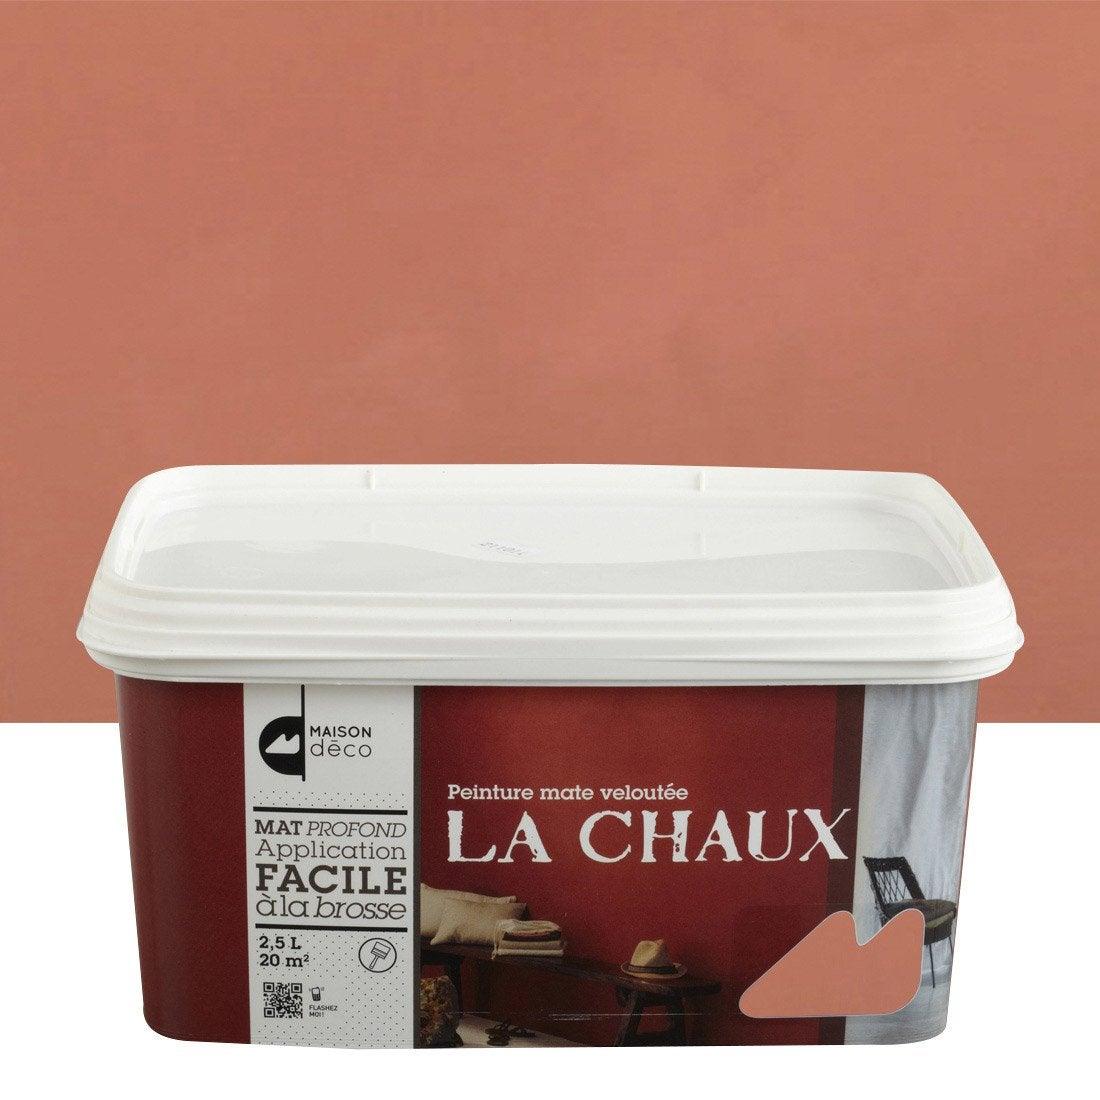 Peinture d corative la chaux maison deco brique 2 5 l leroy merlin - Enduit chaux leroy merlin ...